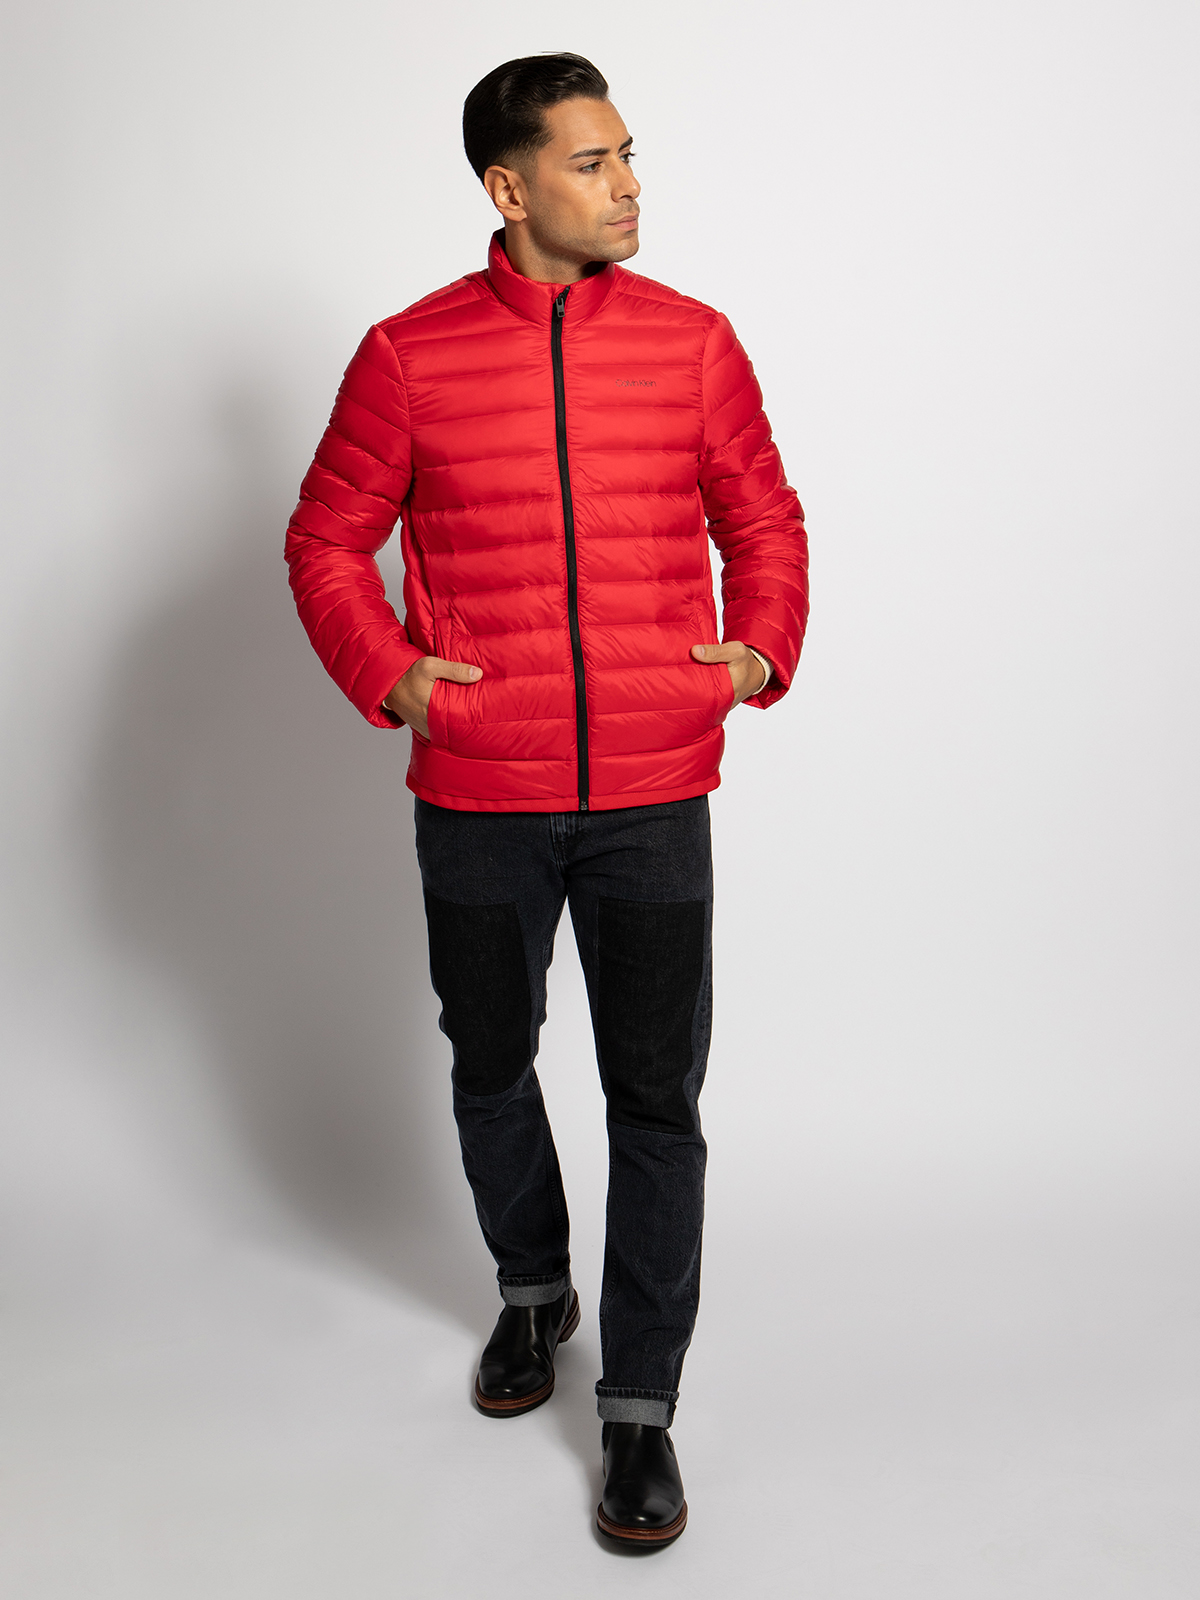 Calvin Klein Donsjas in rood voor Heren